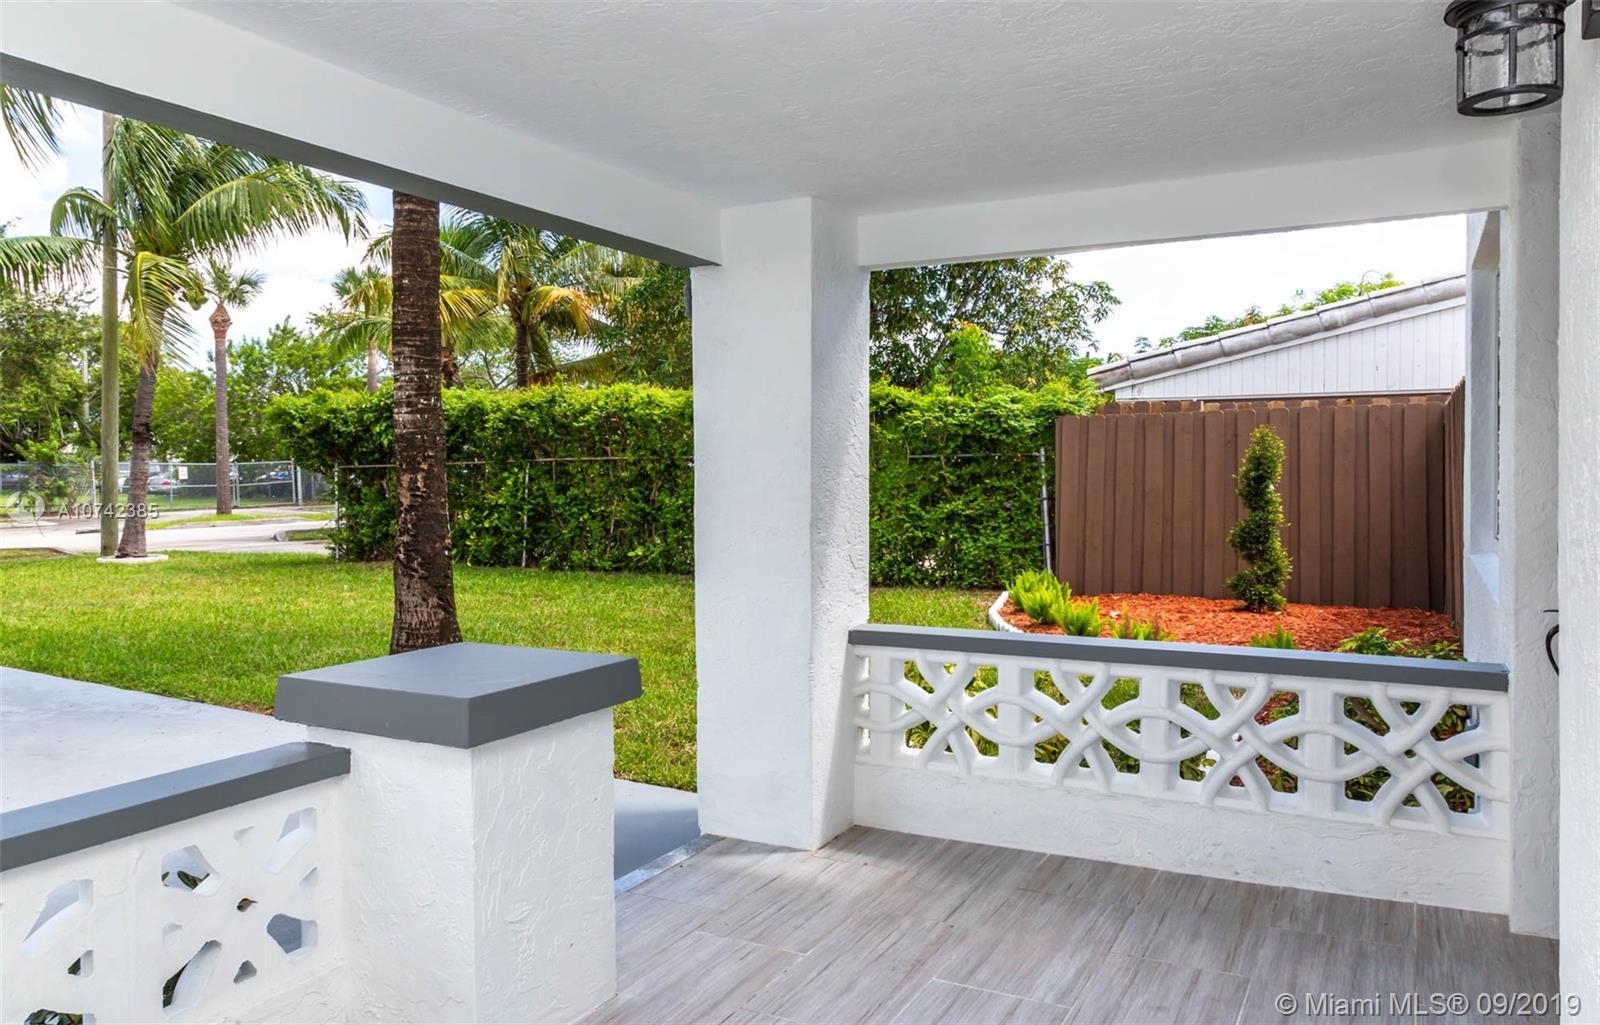 North Miami Beach # - 07 - photo